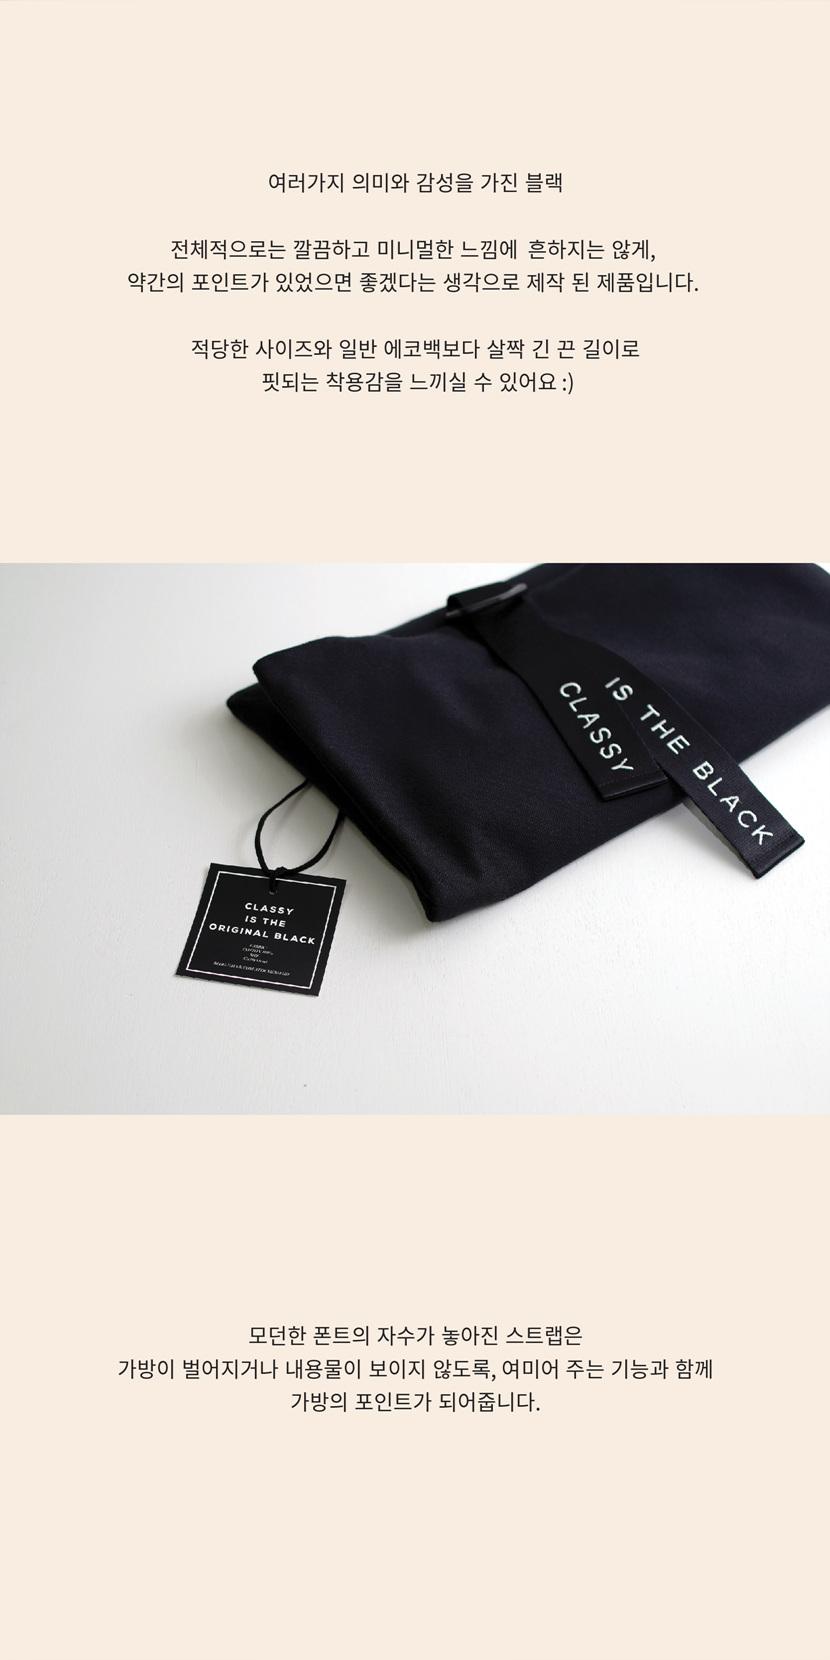 클래시 블랙 코튼 백25,000원-아틱머메이드패션잡화, 가방, 캔버스/에코백, 에코백바보사랑클래시 블랙 코튼 백25,000원-아틱머메이드패션잡화, 가방, 캔버스/에코백, 에코백바보사랑